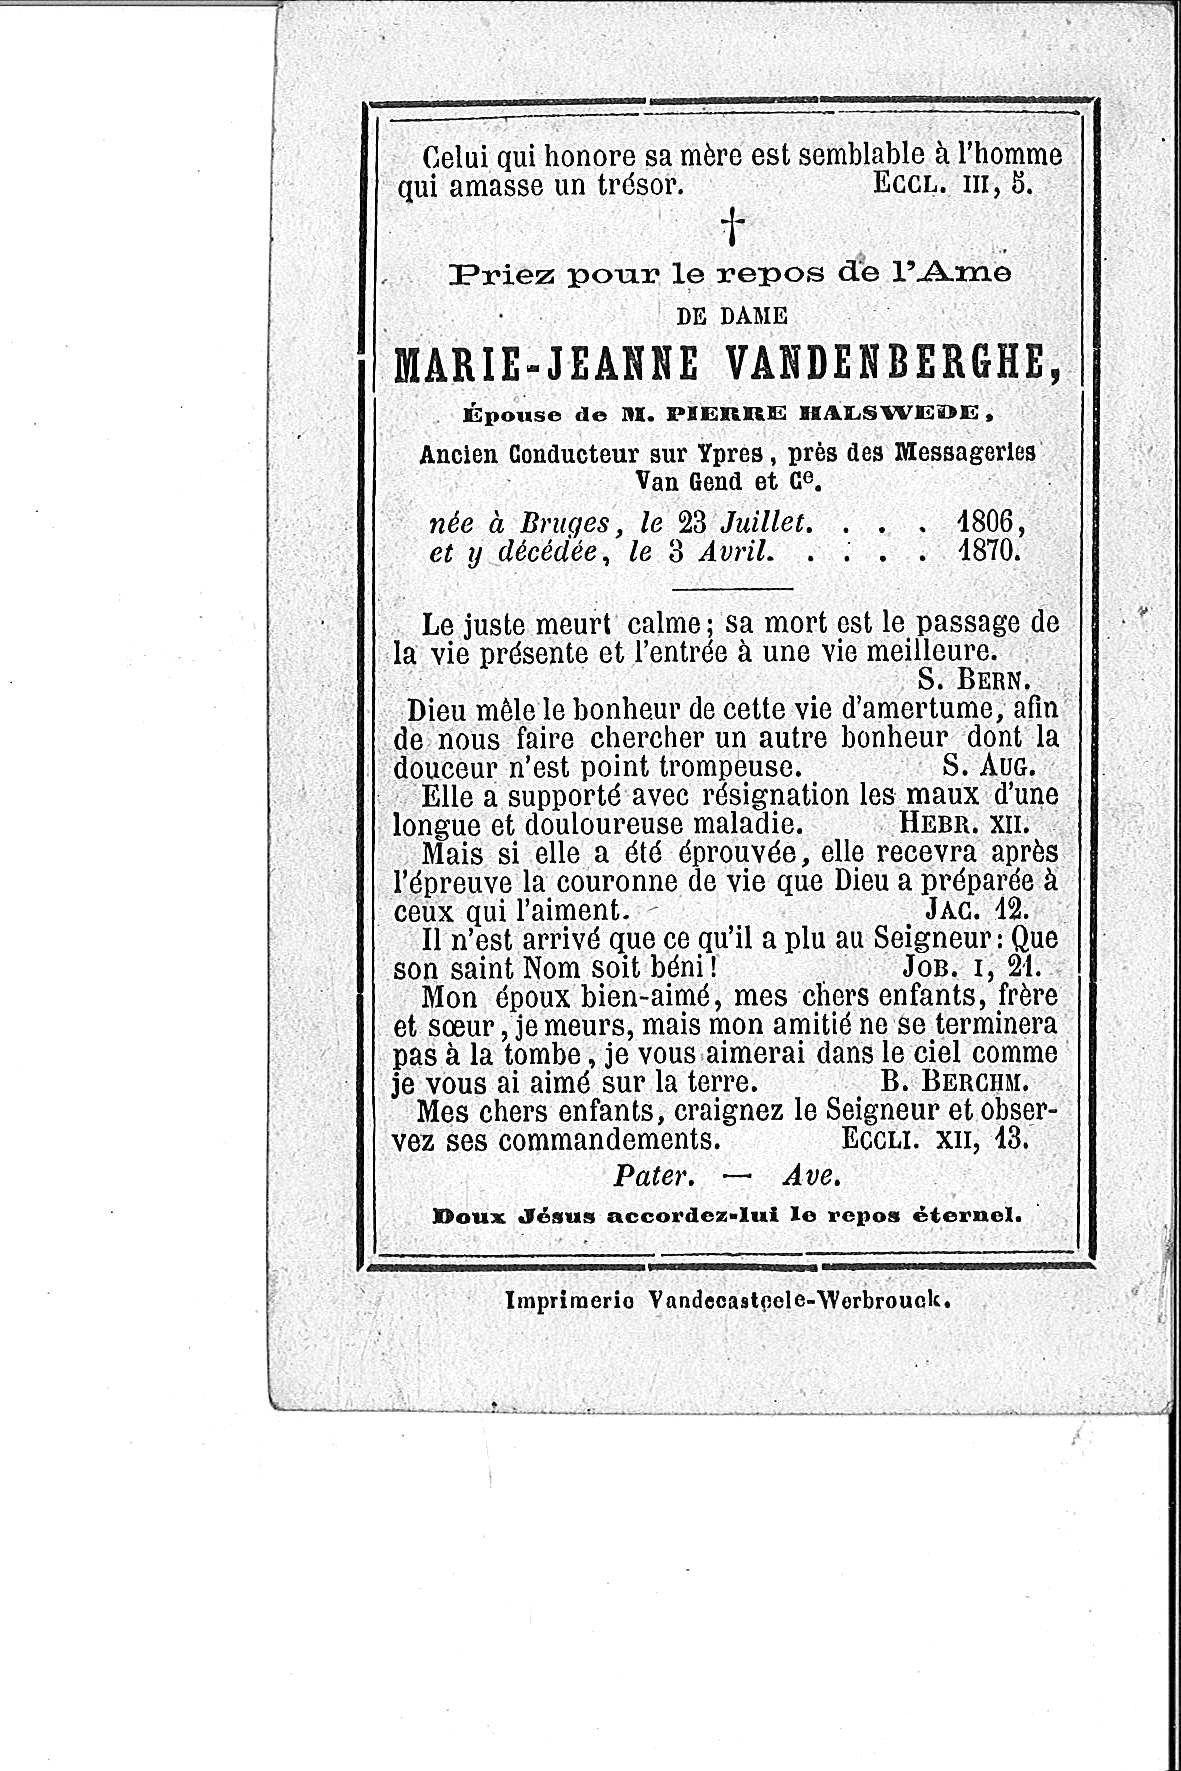 Marie_Jeanne(1870)20150804084944_00030.jpg